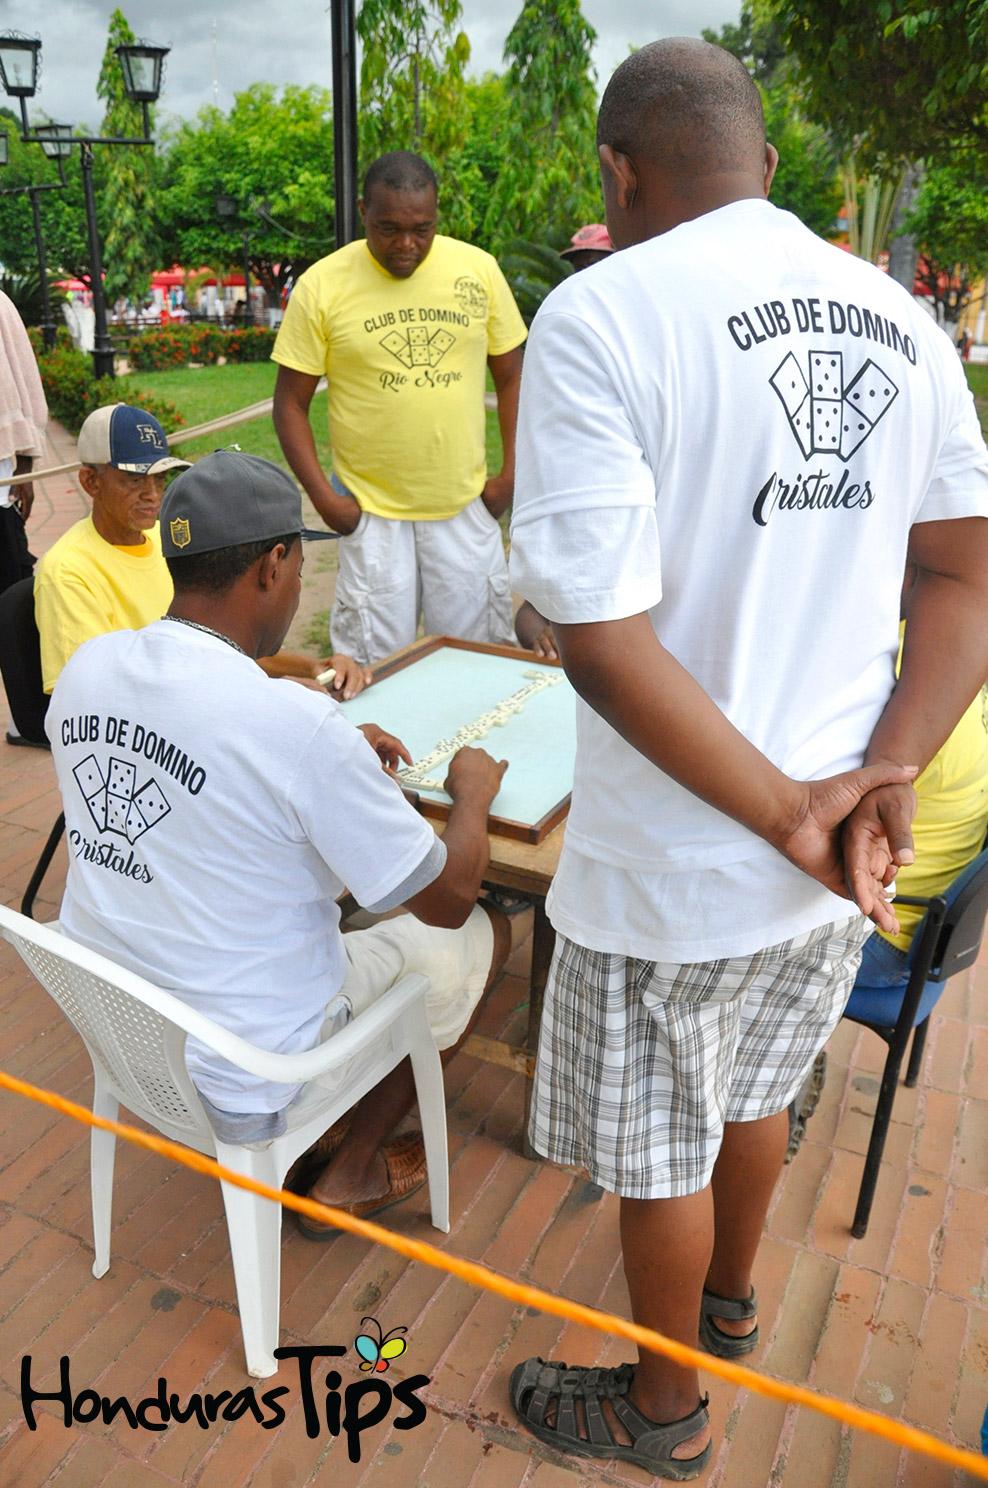 Los clubes de dominó de las comunidades garífunas de Cristales y Río Negro, hicieron su ronda de juego en el parque Colón.